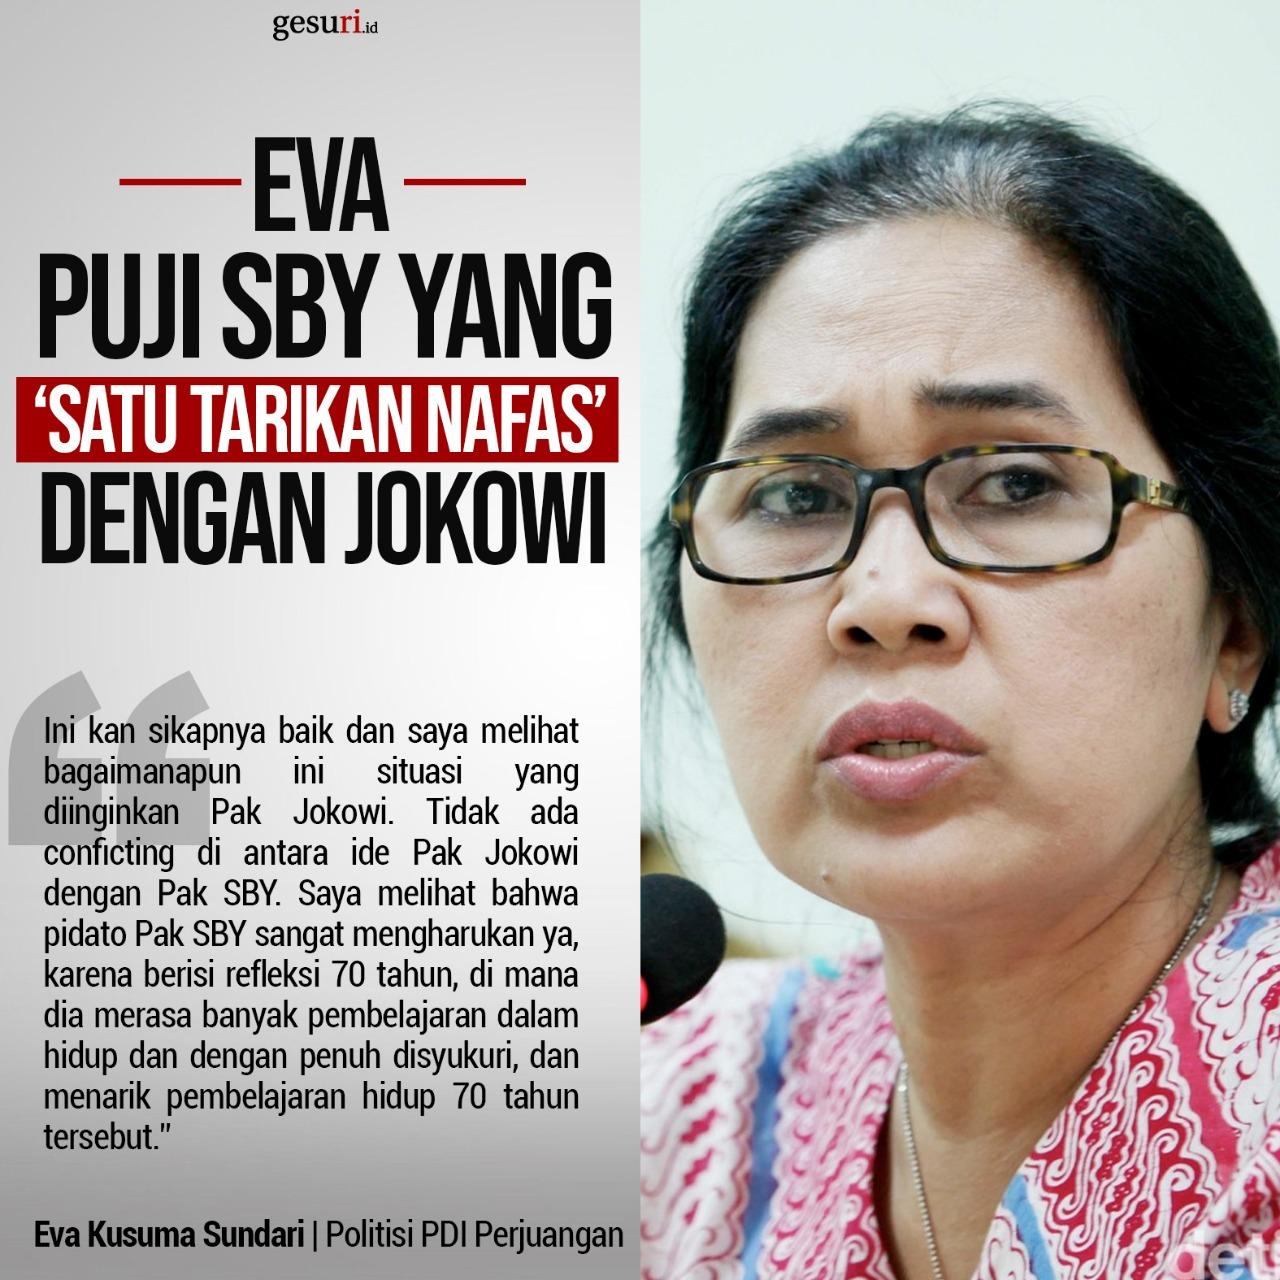 Ternyata SBY 'Satu Tarikan Nafas' dengan Jokowi